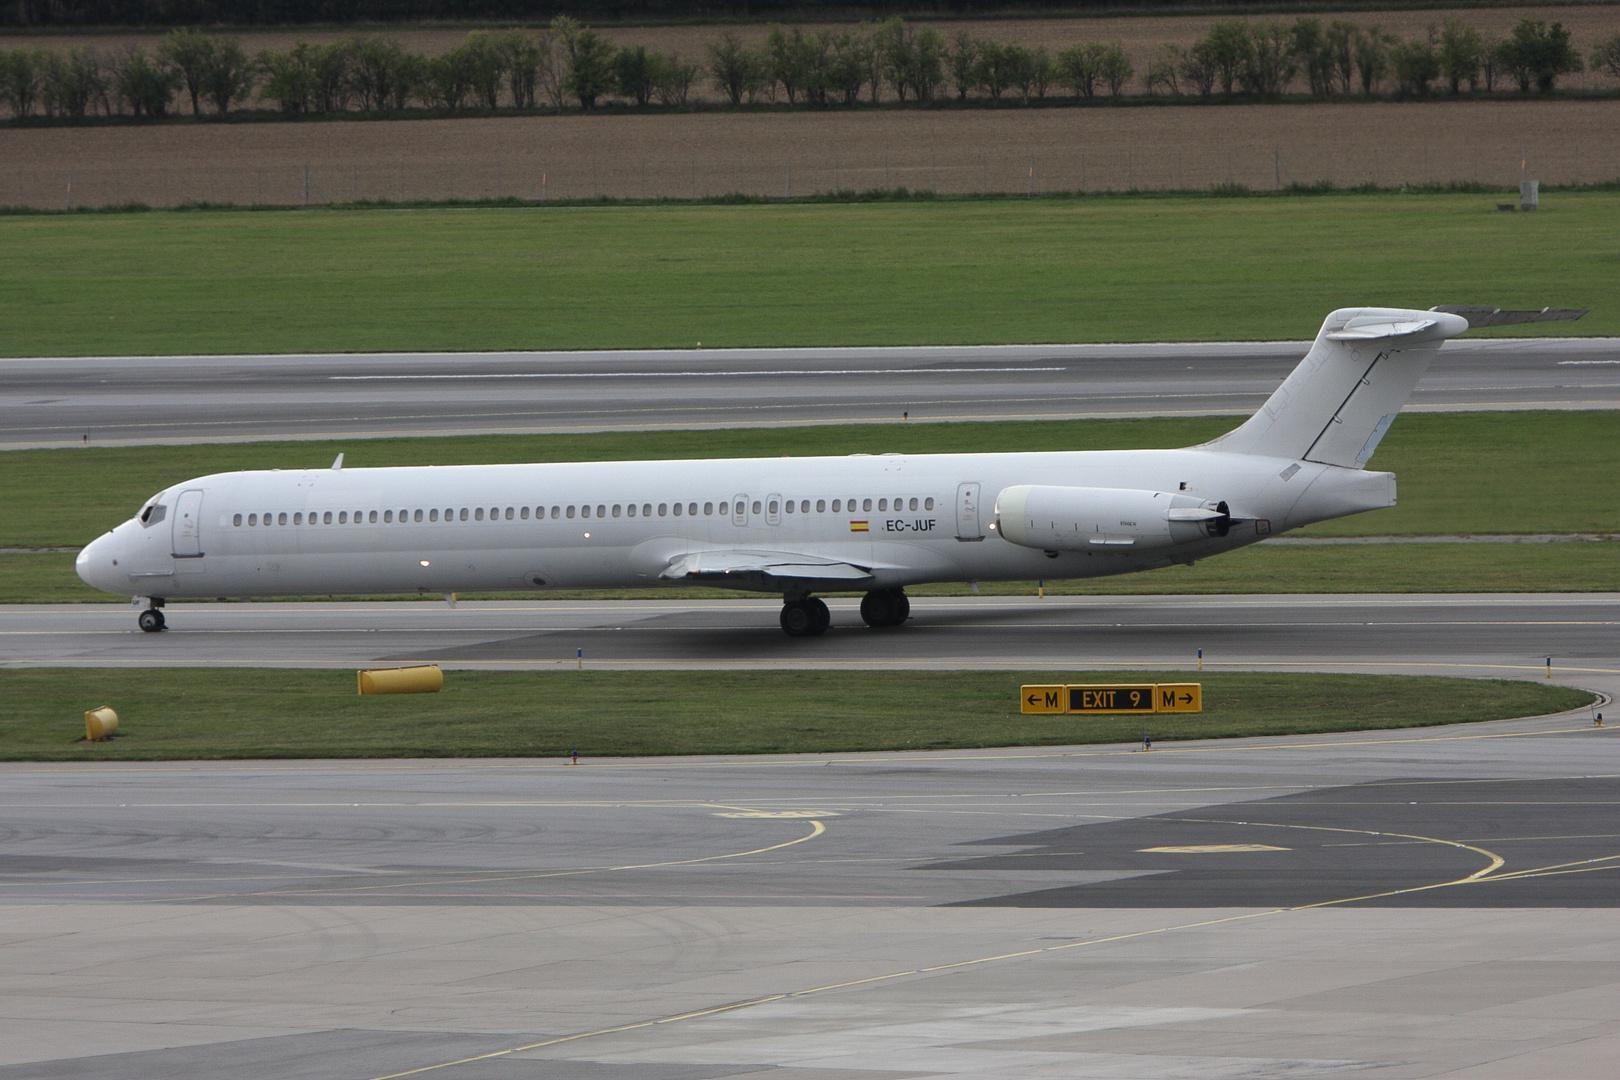 MD 82 Swift air...